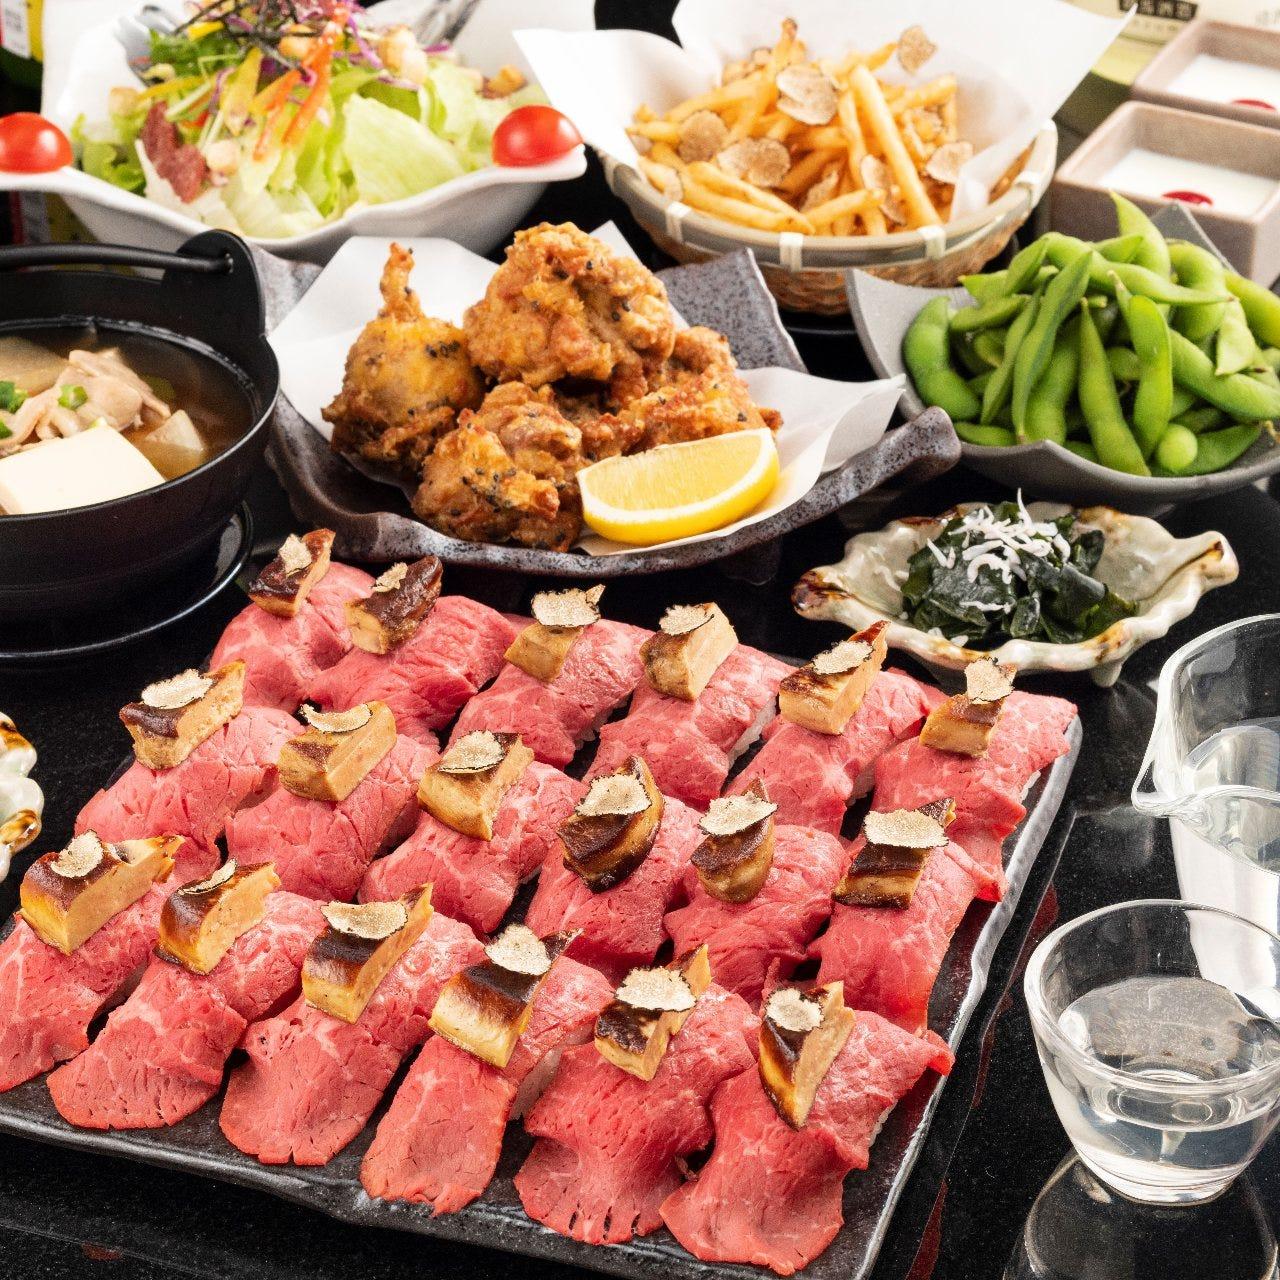 心ゆくまで贅を尽くした肉寿司食べ放題をご堪能ください。